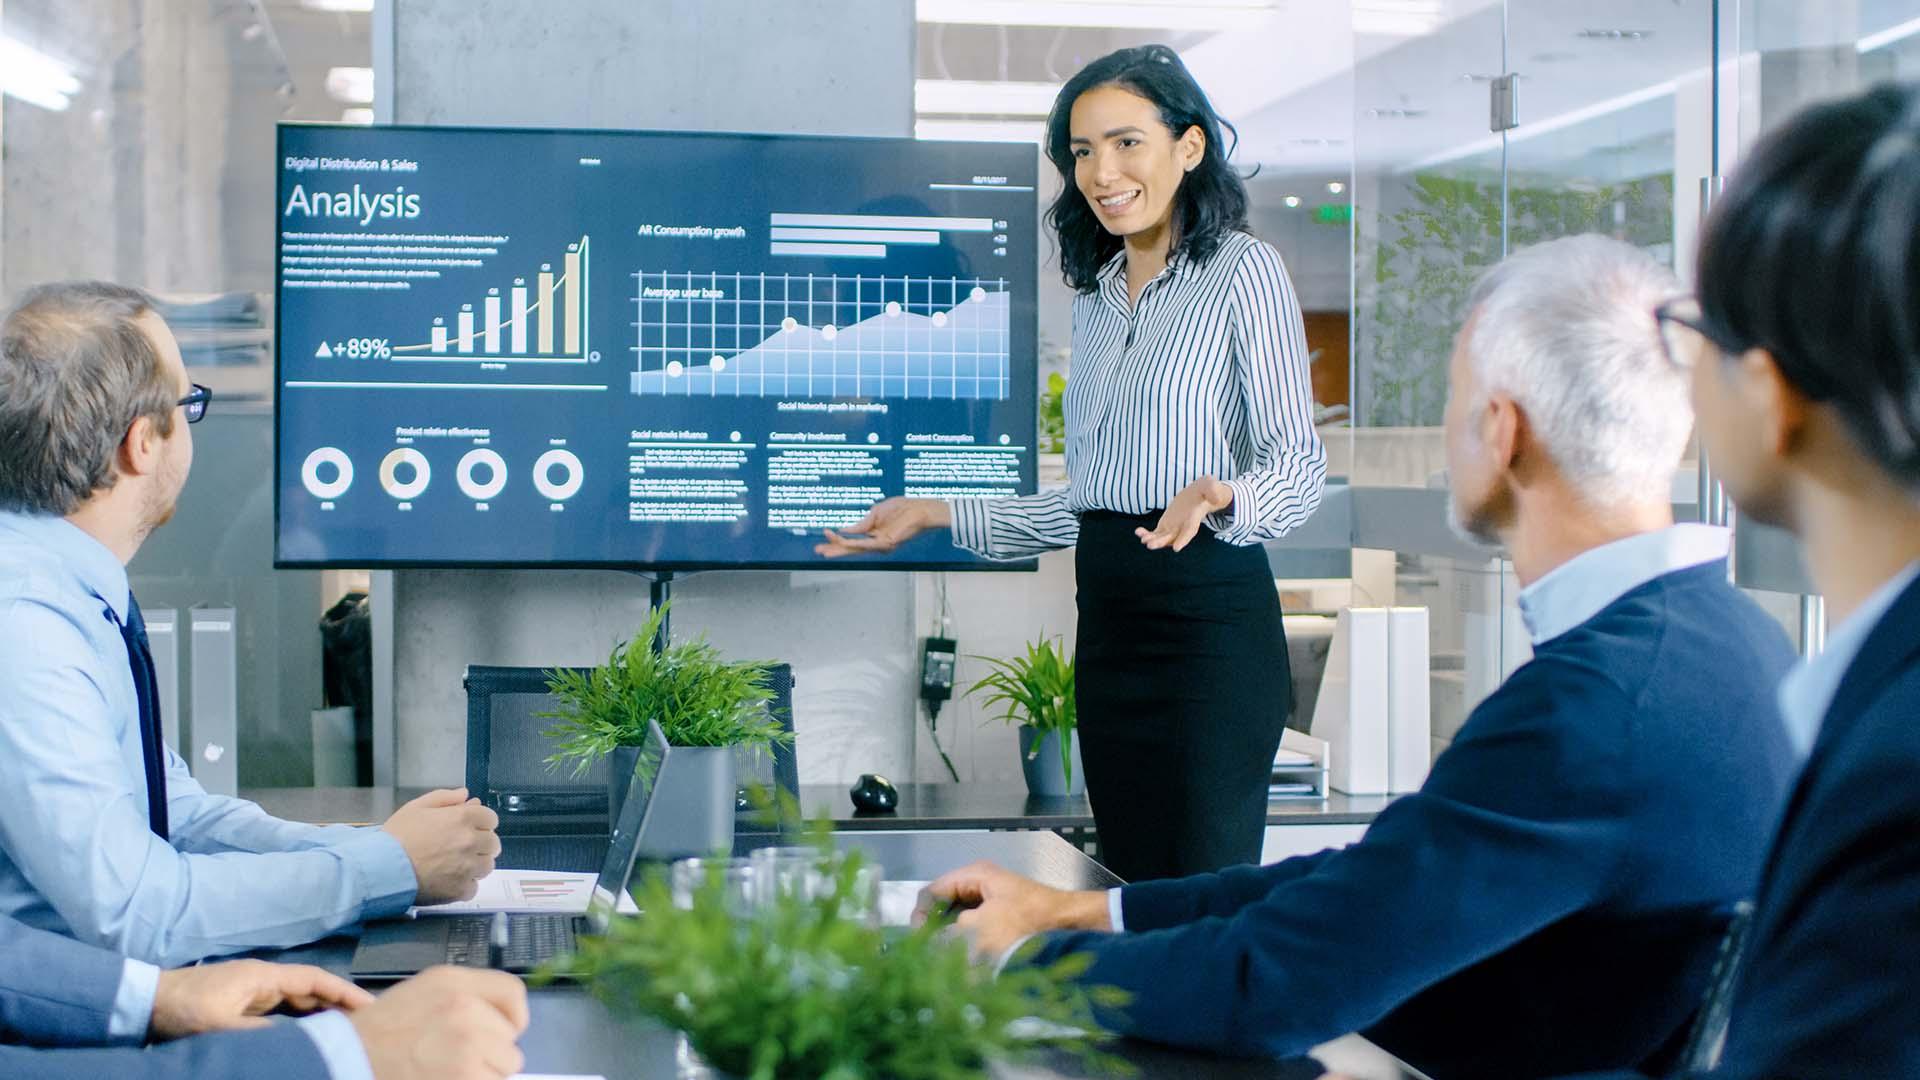 Gestoría Asesoría y Consultoría para empresas y autonomos en Barcelona